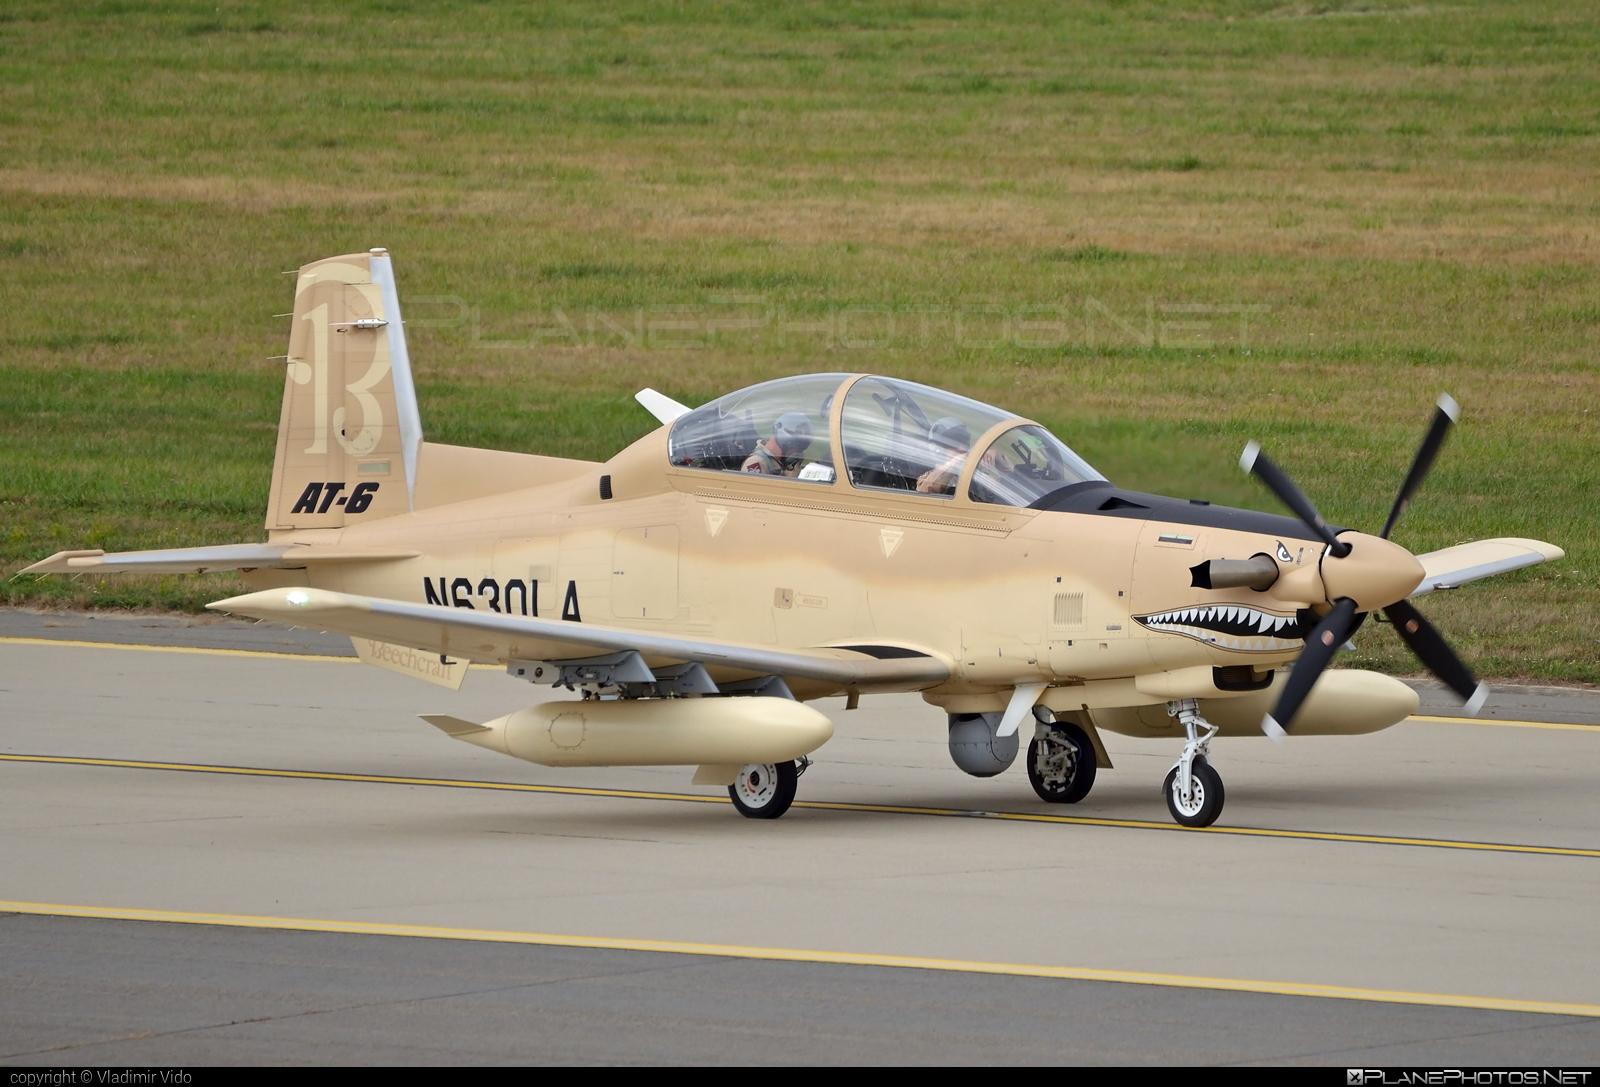 Beechcraft AT-6C Texan II - N630LA operated by Beechcraft Corporation #BeechcraftCorporation #at6 #at6c #beechcraft #beechcraftat6 #beechcraftat6c #natodays2015 #texan2 #texanii